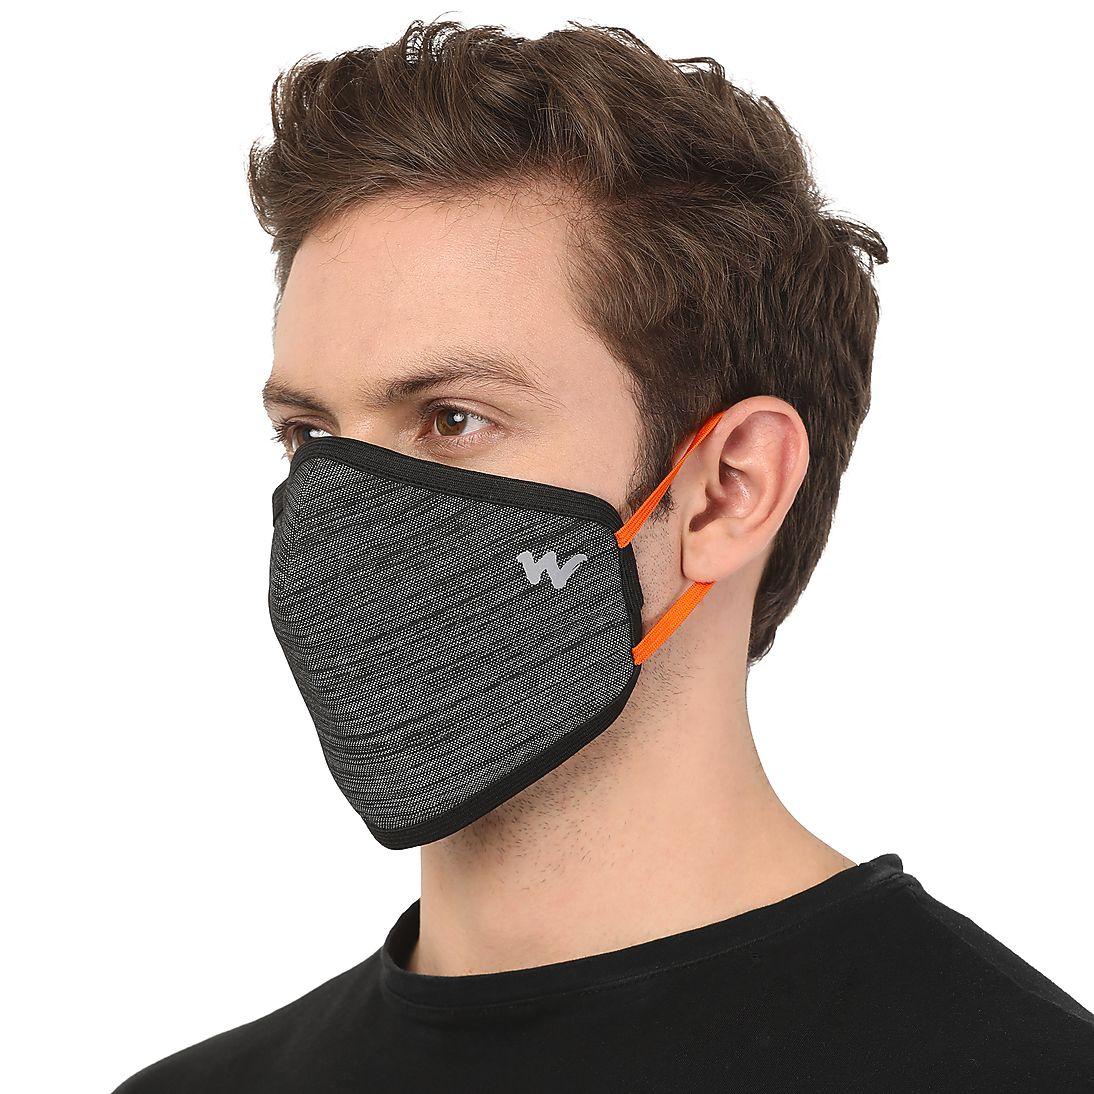 VIROSHIELD W95x Reusable Outdoor Respirator – GREY MELANGE